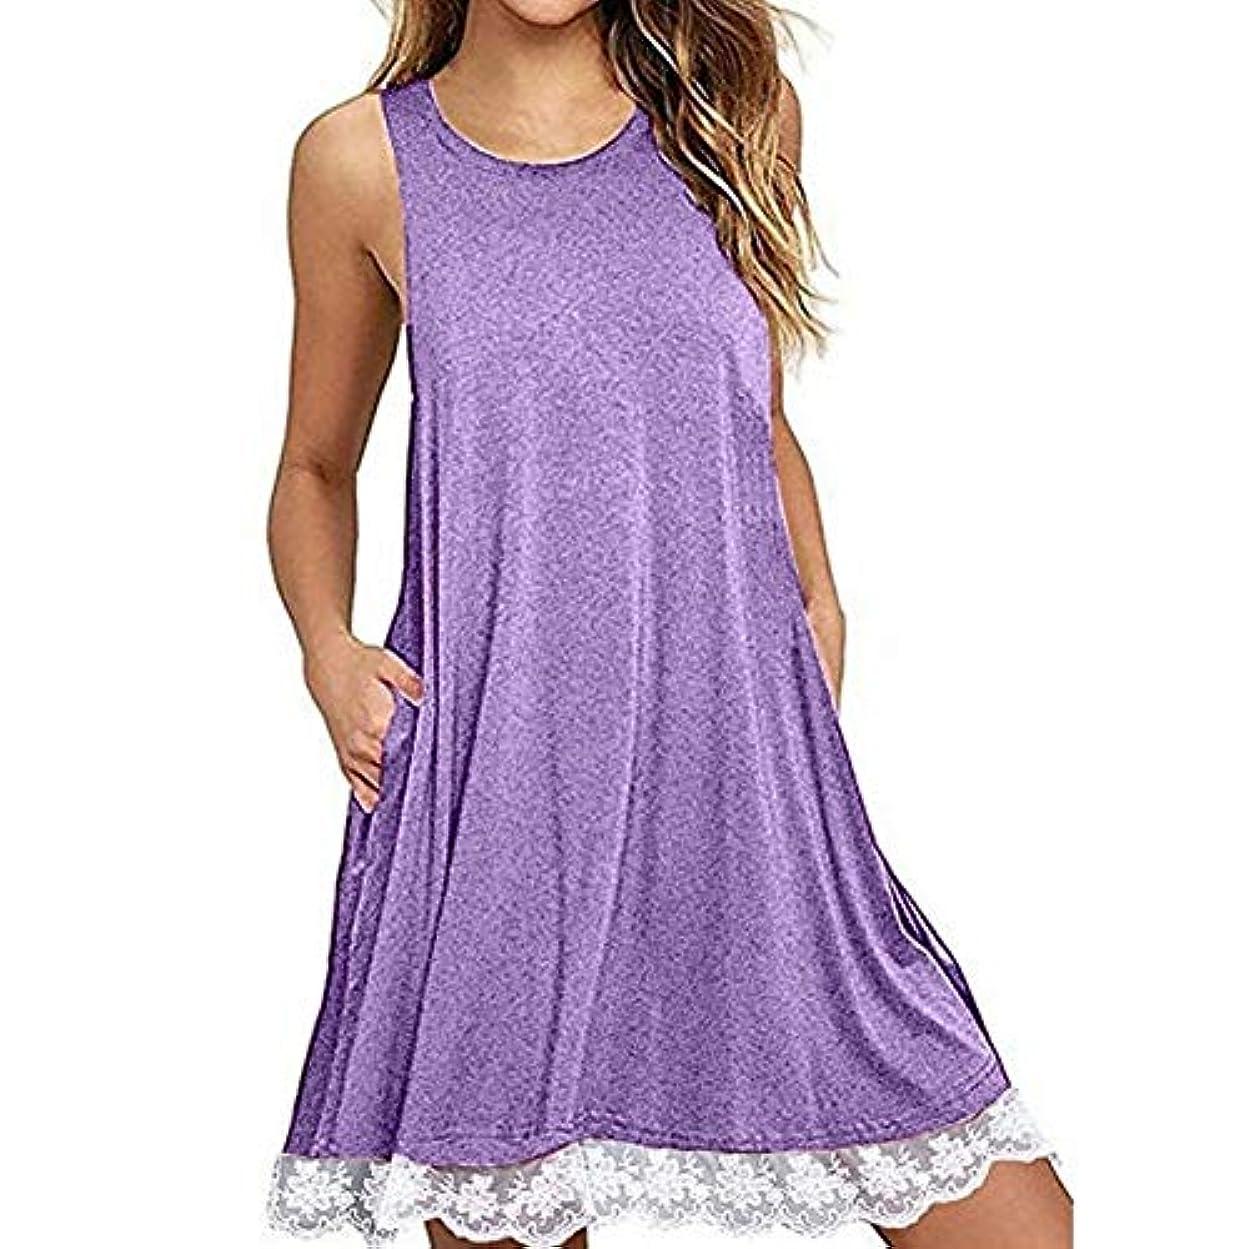 修正するまっすぐにする粘性のMIFAN の女性のドレスカジュアルな不規則なドレスルースサマービーチTシャツドレス